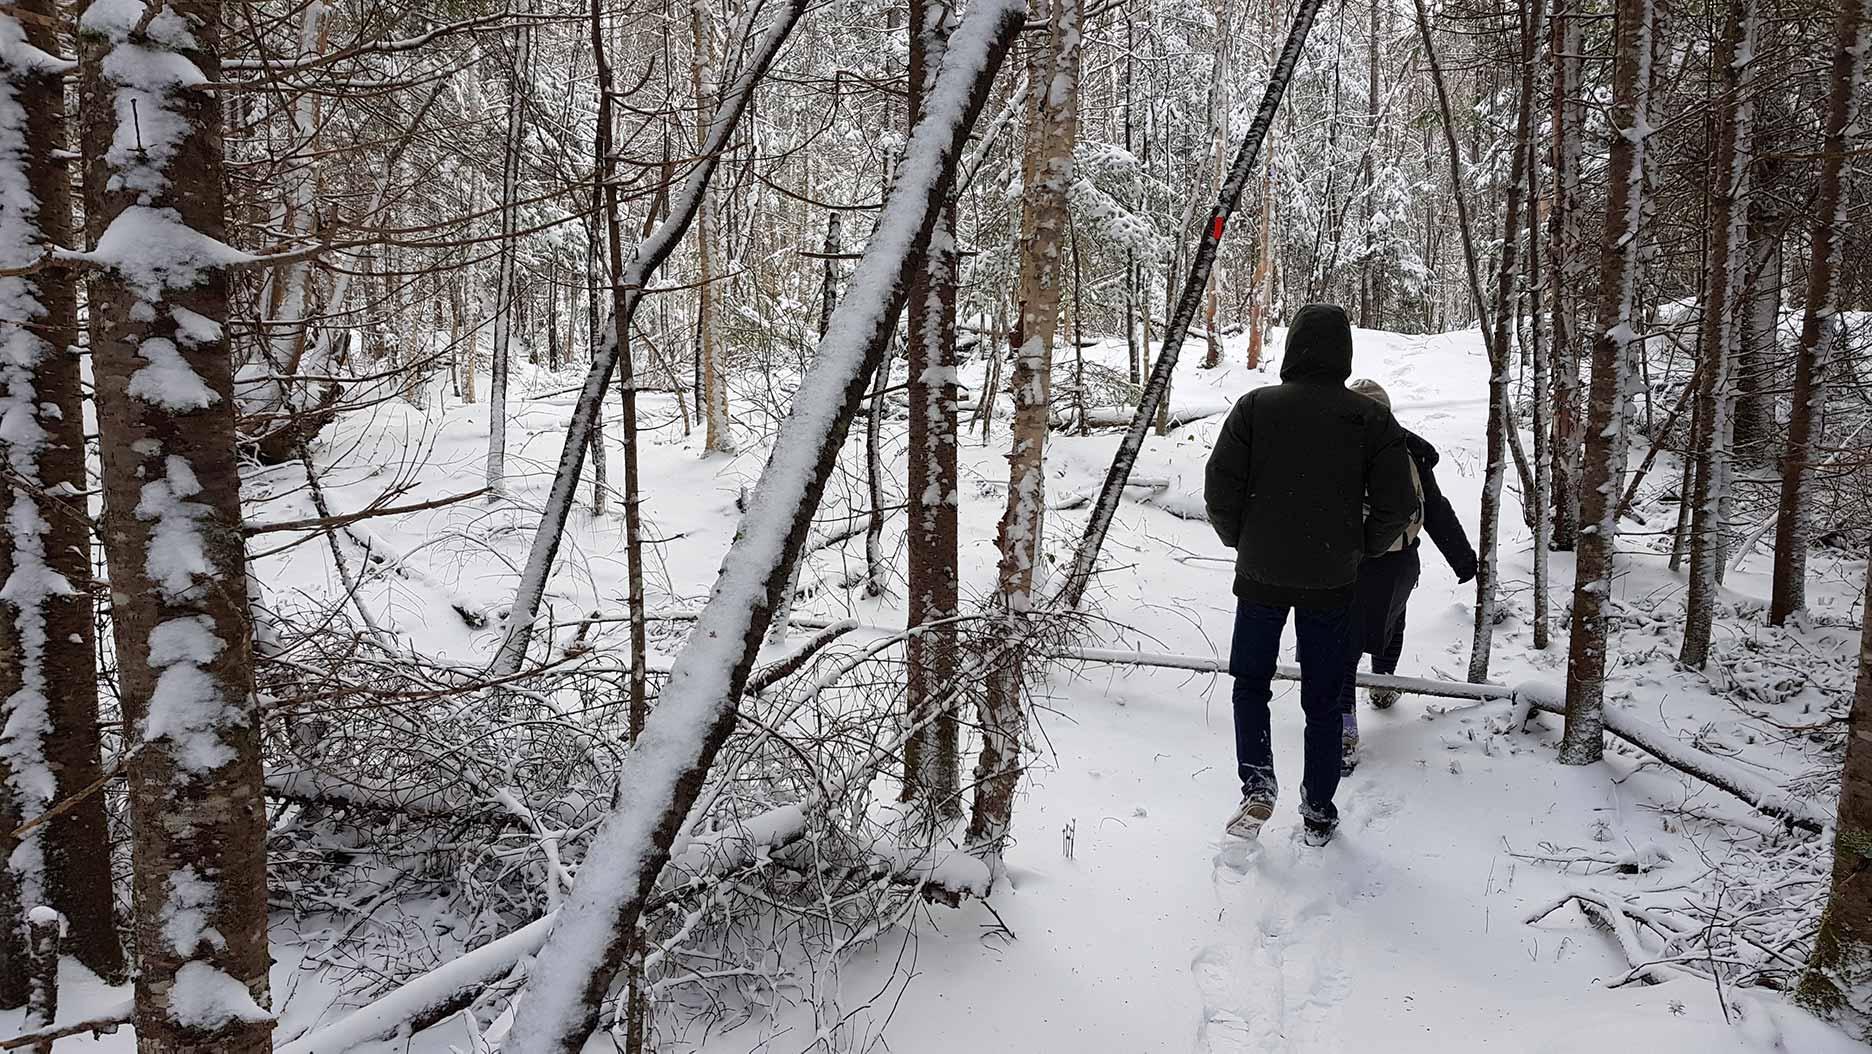 randonner dans la neige en hiver au québec